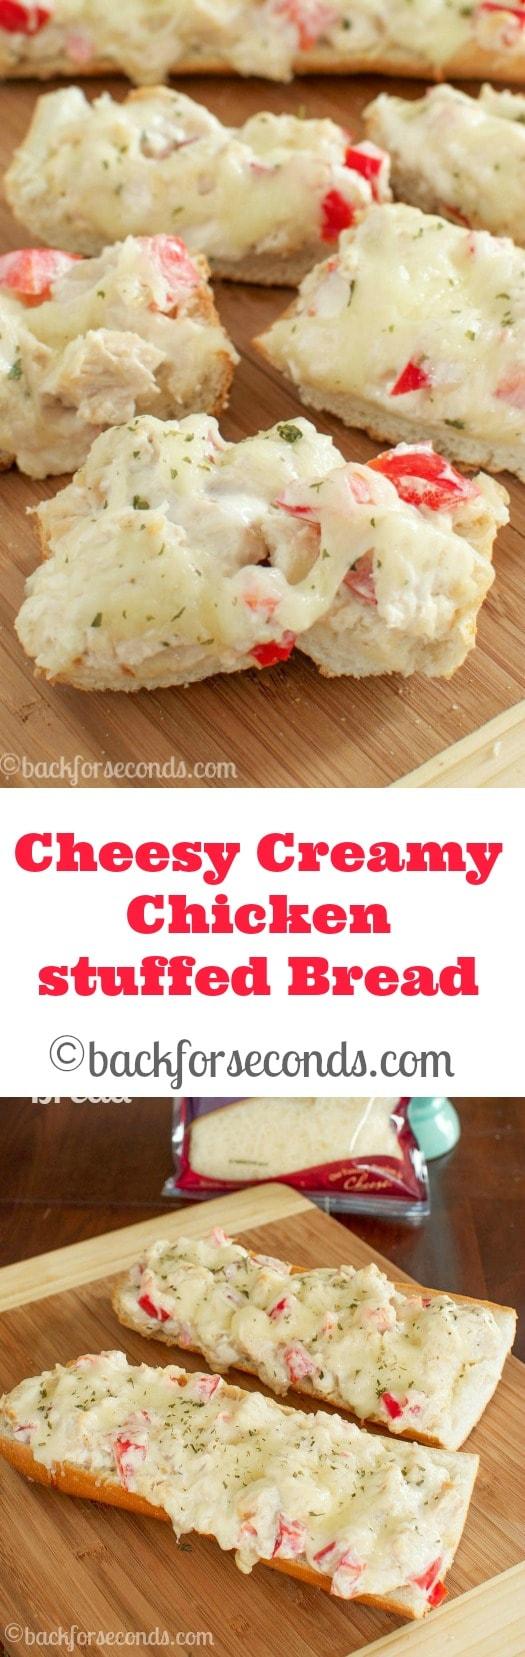 Cheesy, Creamy Chicken Bread - AMAZING!!!